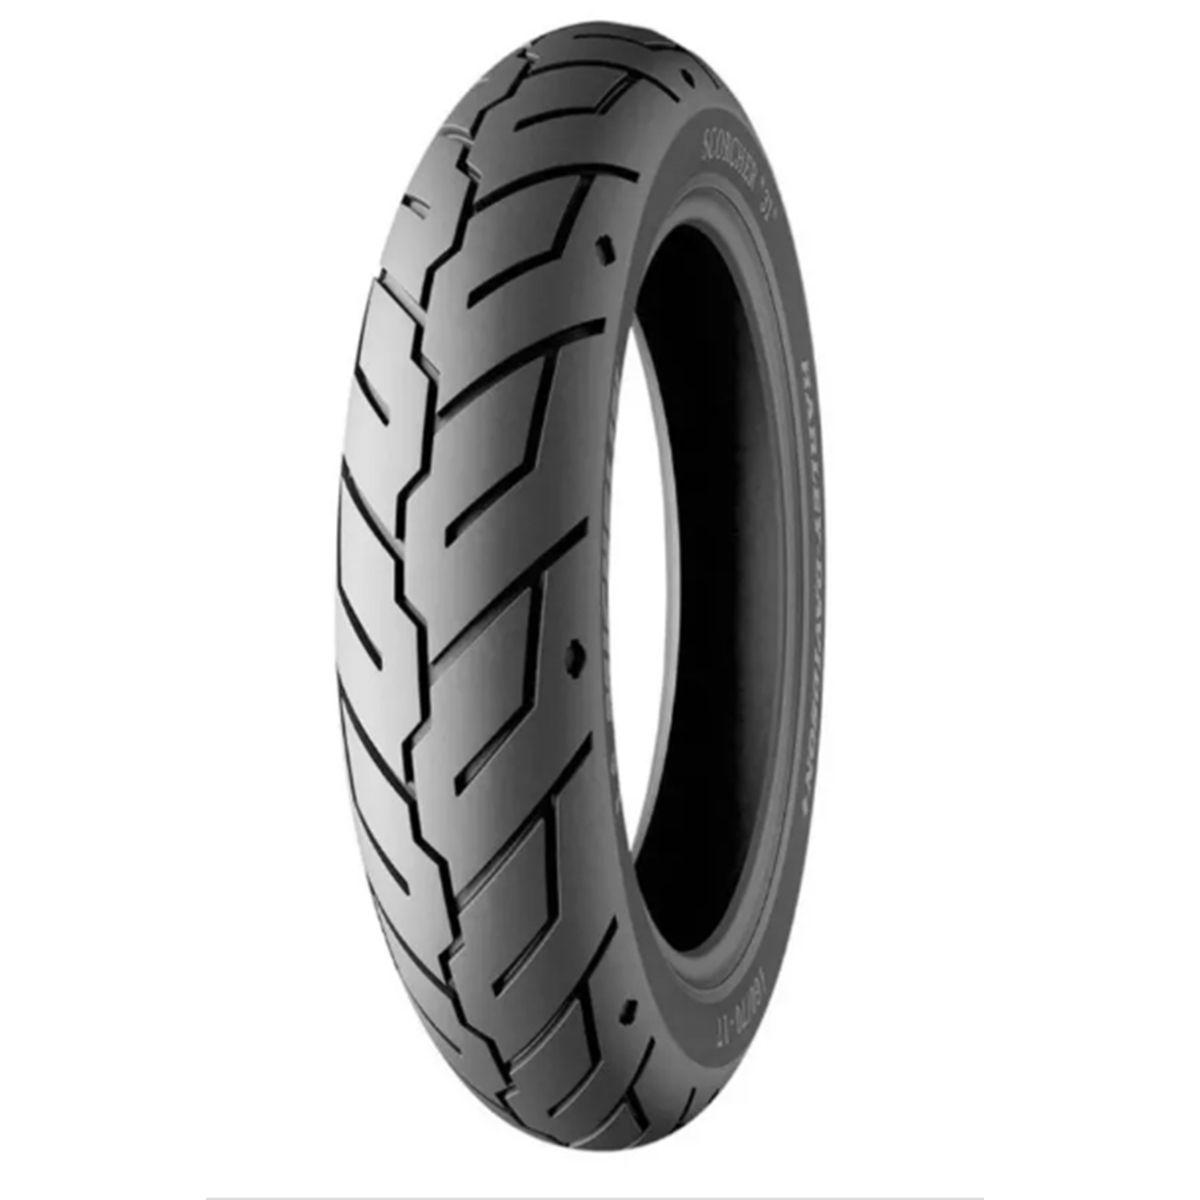 Pneu para Moto Michelin SCORCHER 31 Dianteiro TL/TT 130/60 B 19 61H